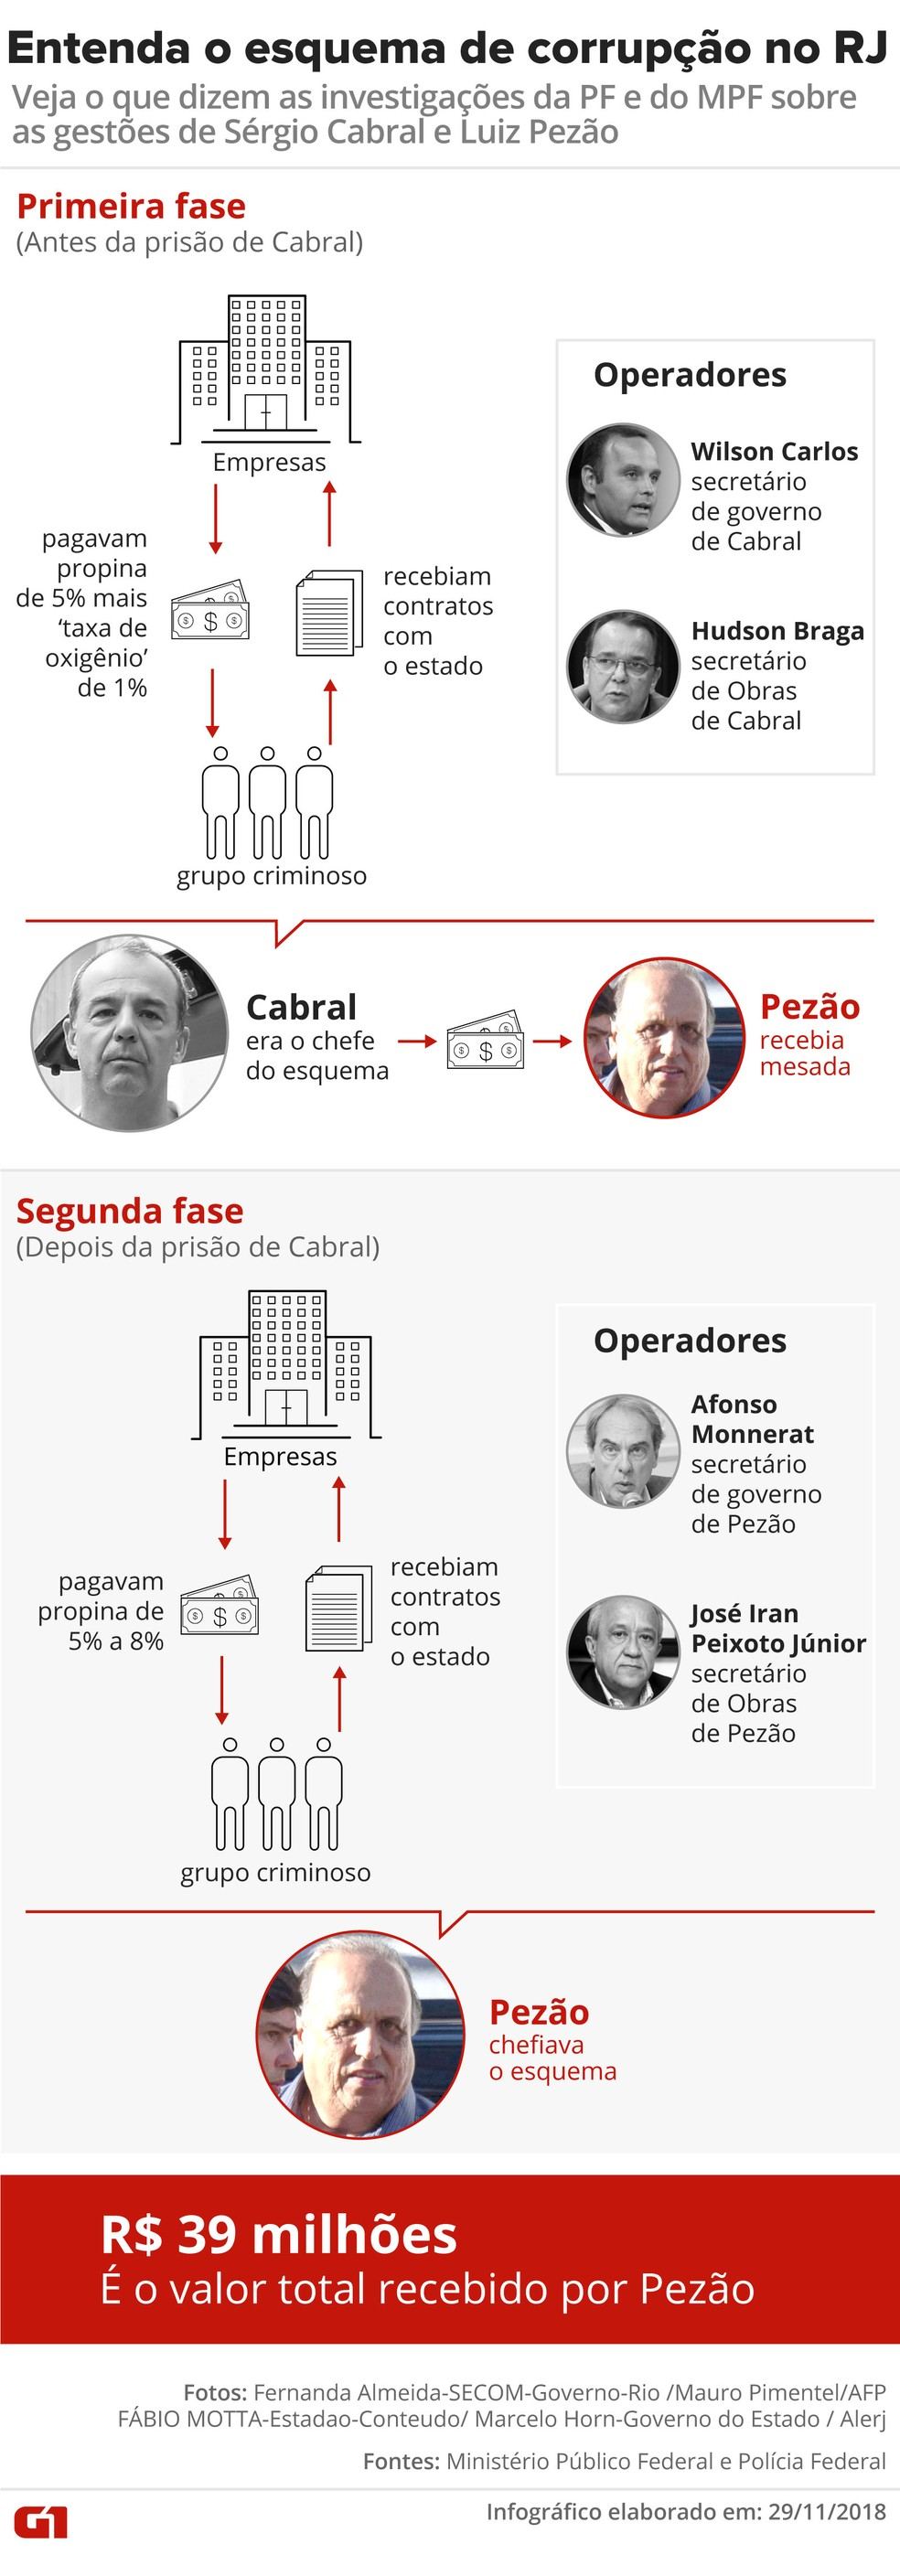 Entenda o esquema de corrupção nas gestões de Cabral e Pezão, no RJ — Foto: Karina Almeida/G1